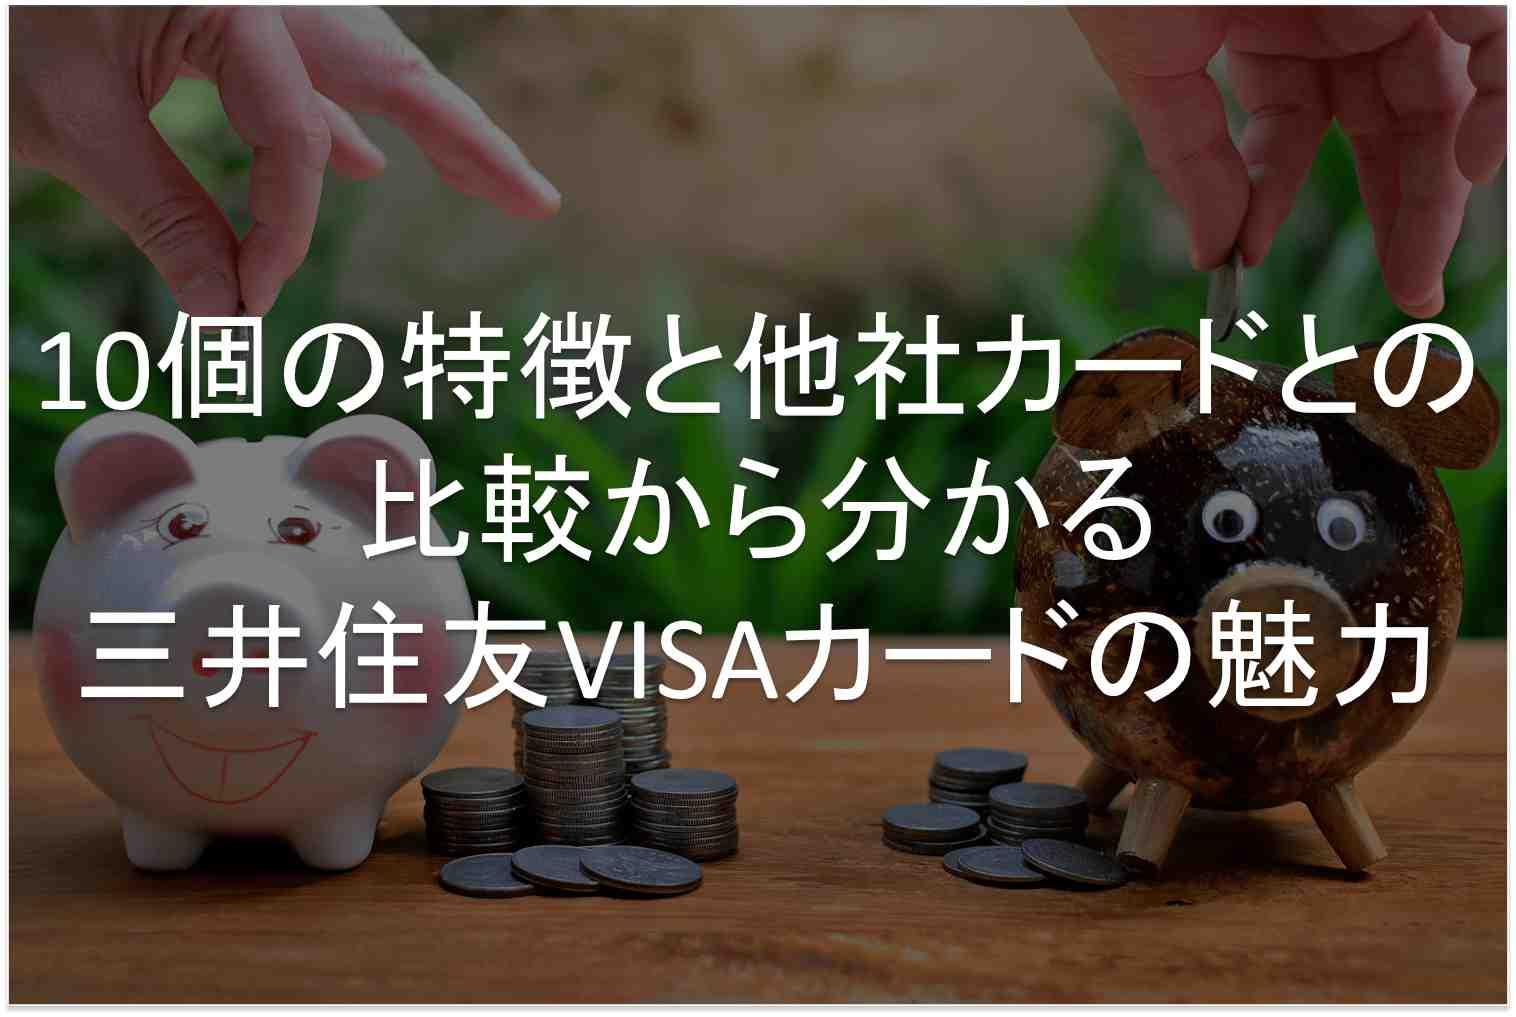 三井住友VISAカード 特徴